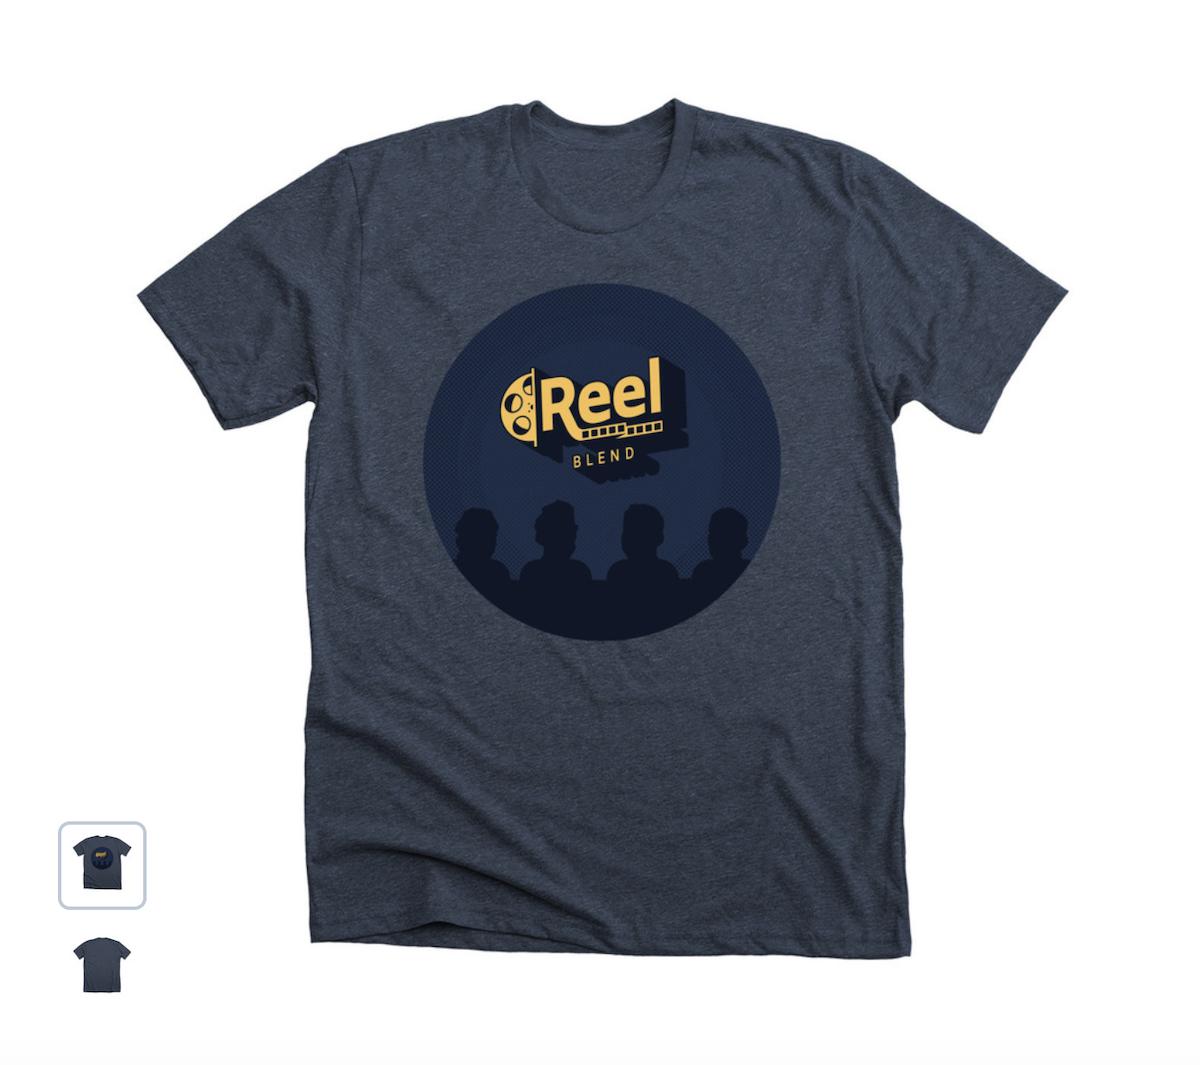 The ReelBlend Shirt